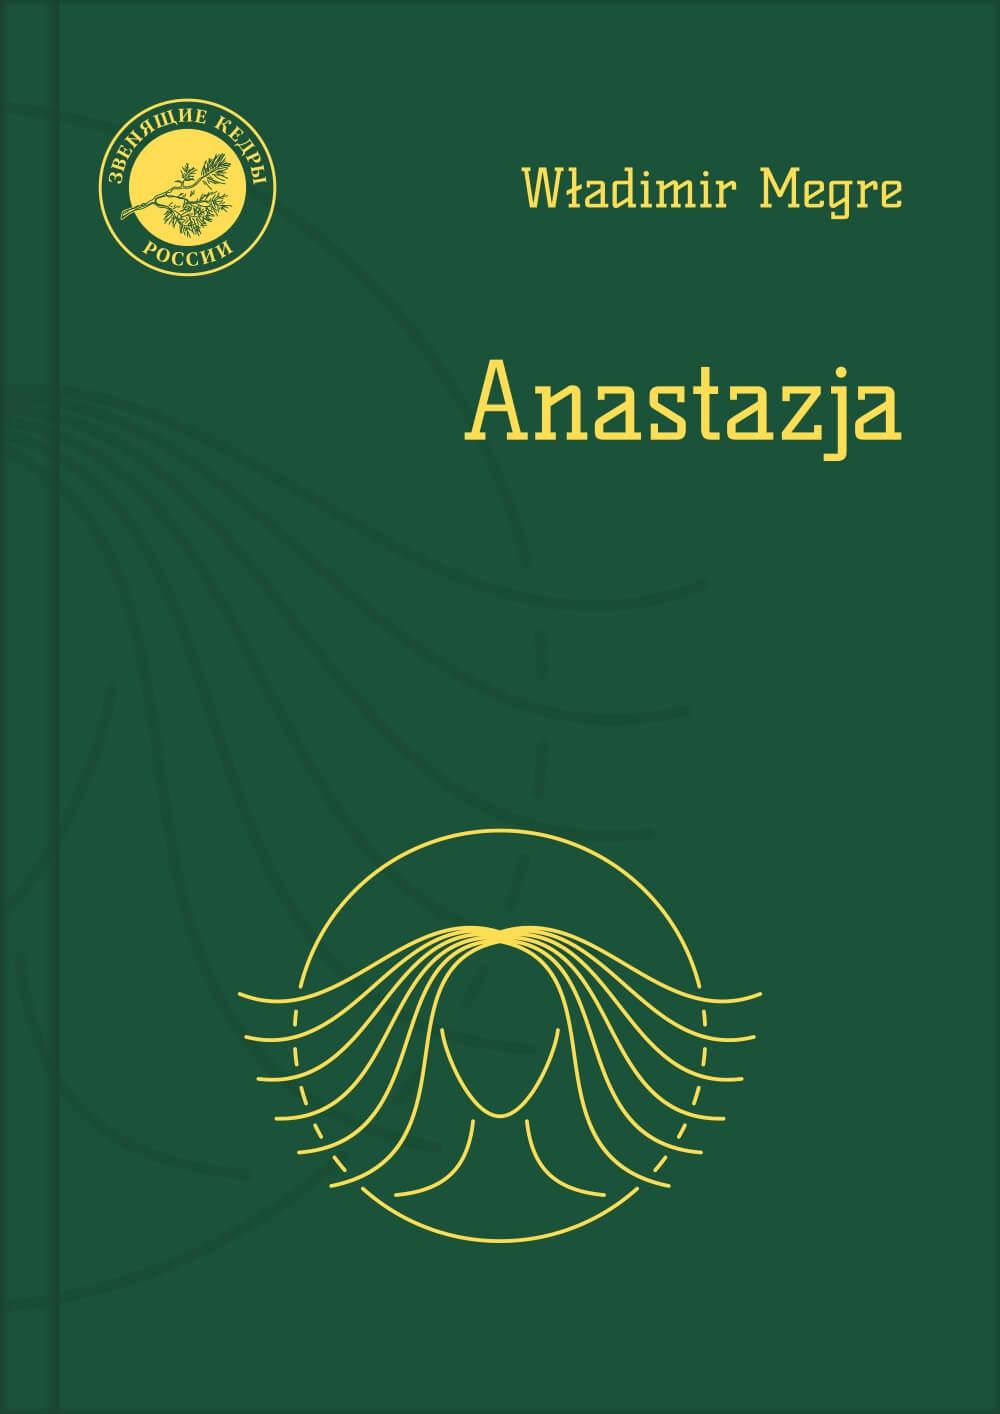 Image of Anastazja - Władimir Megre